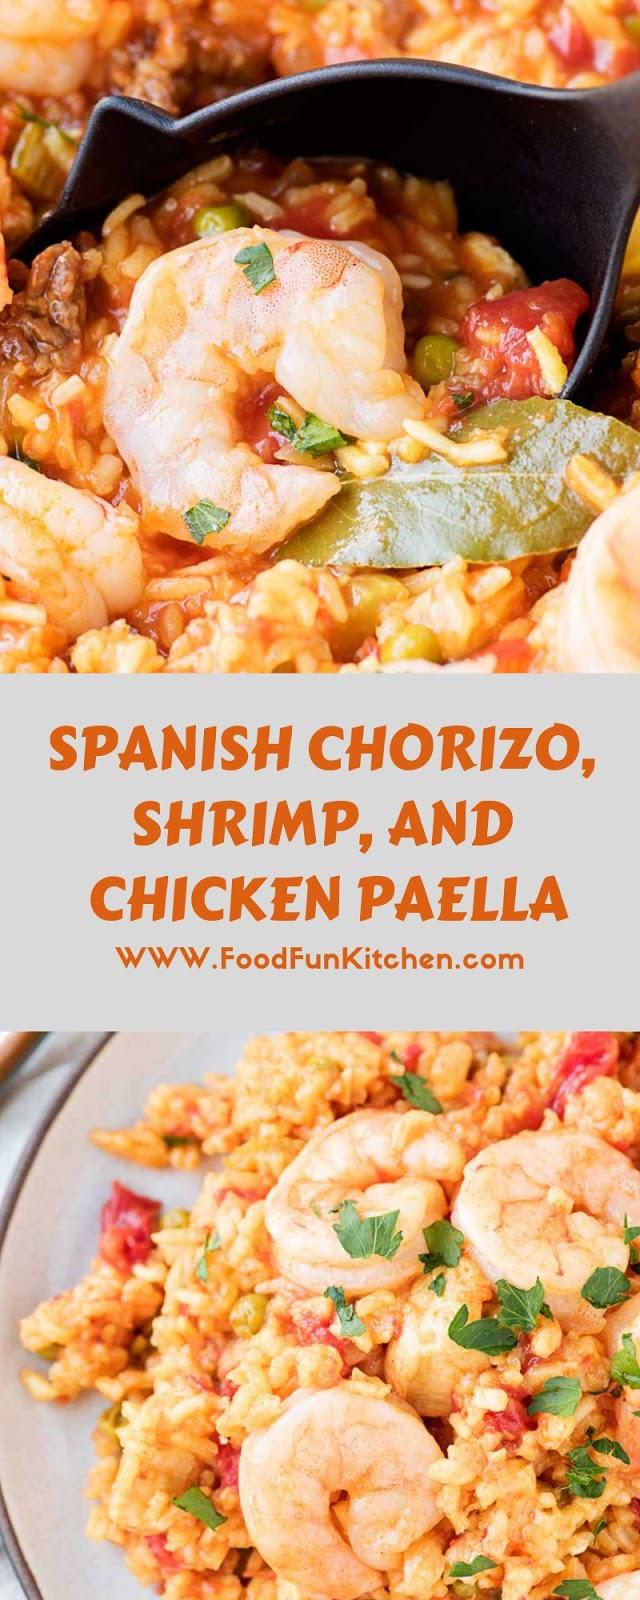 SPANISH CHORIZO, SHRIMP, AND CHICKEN PAELLA